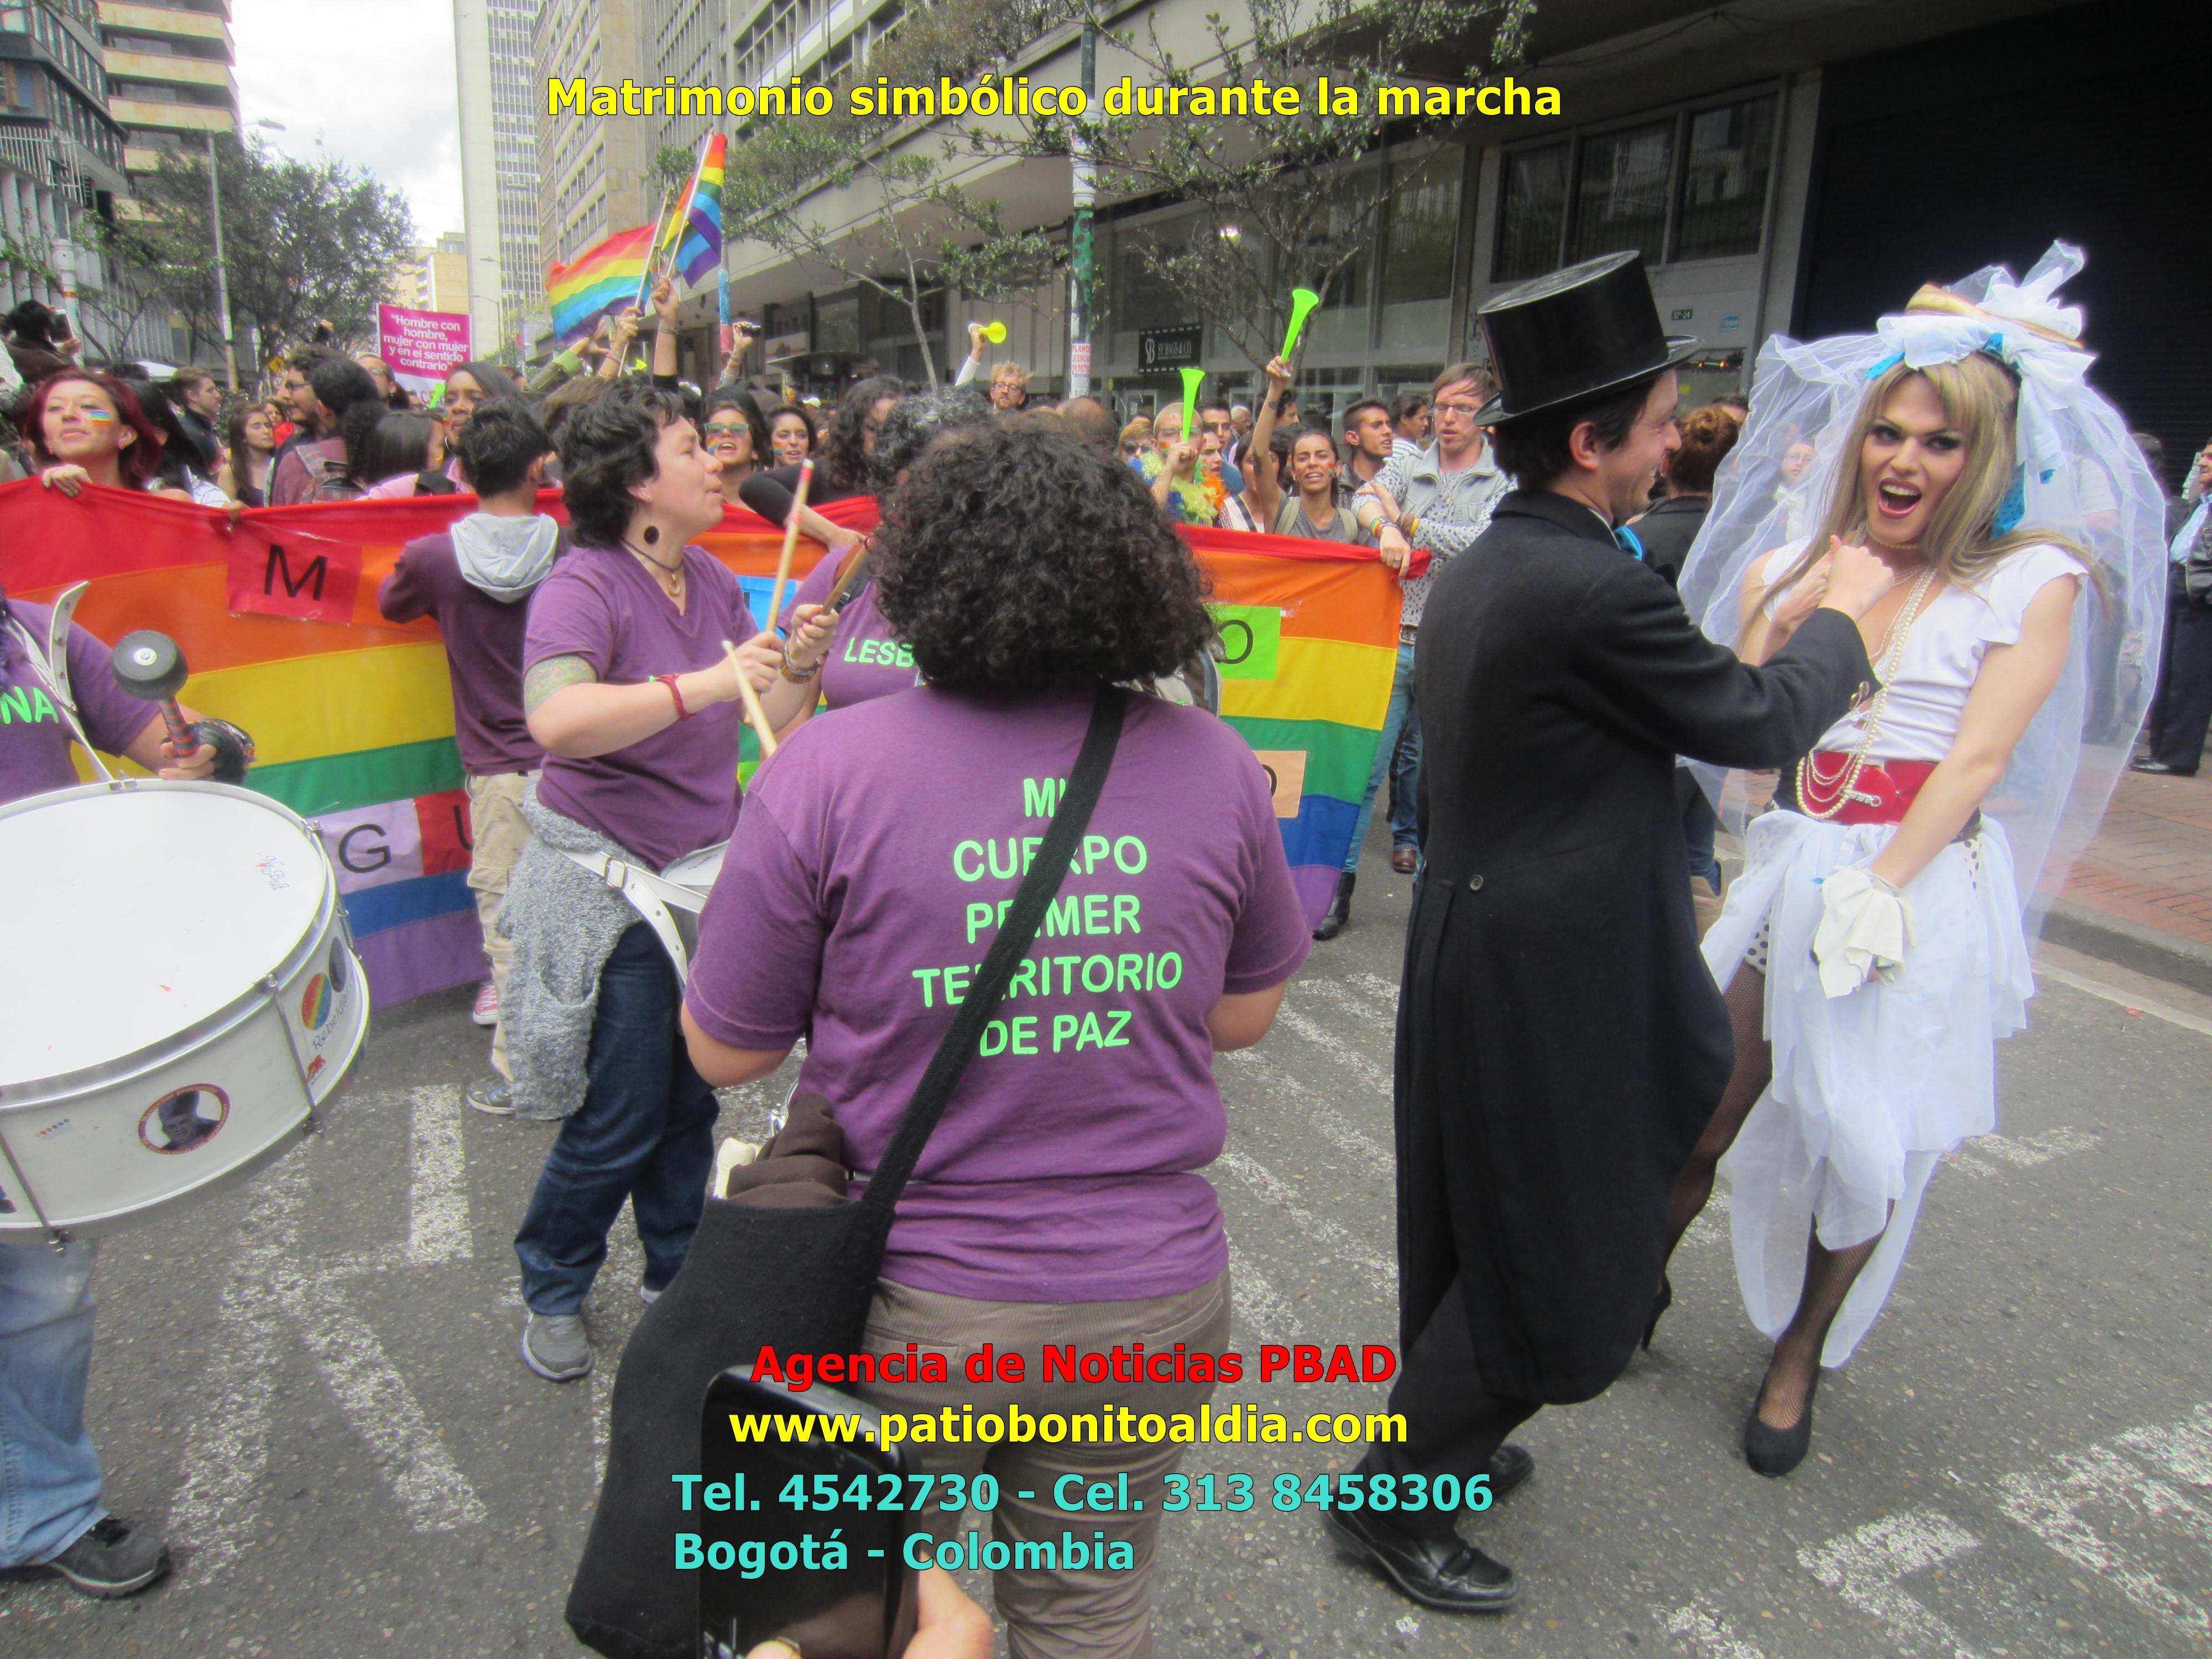 Matrimonio Simbolico En Guatavita : Comunidades lgbti marcharon en defensa de matrimonio